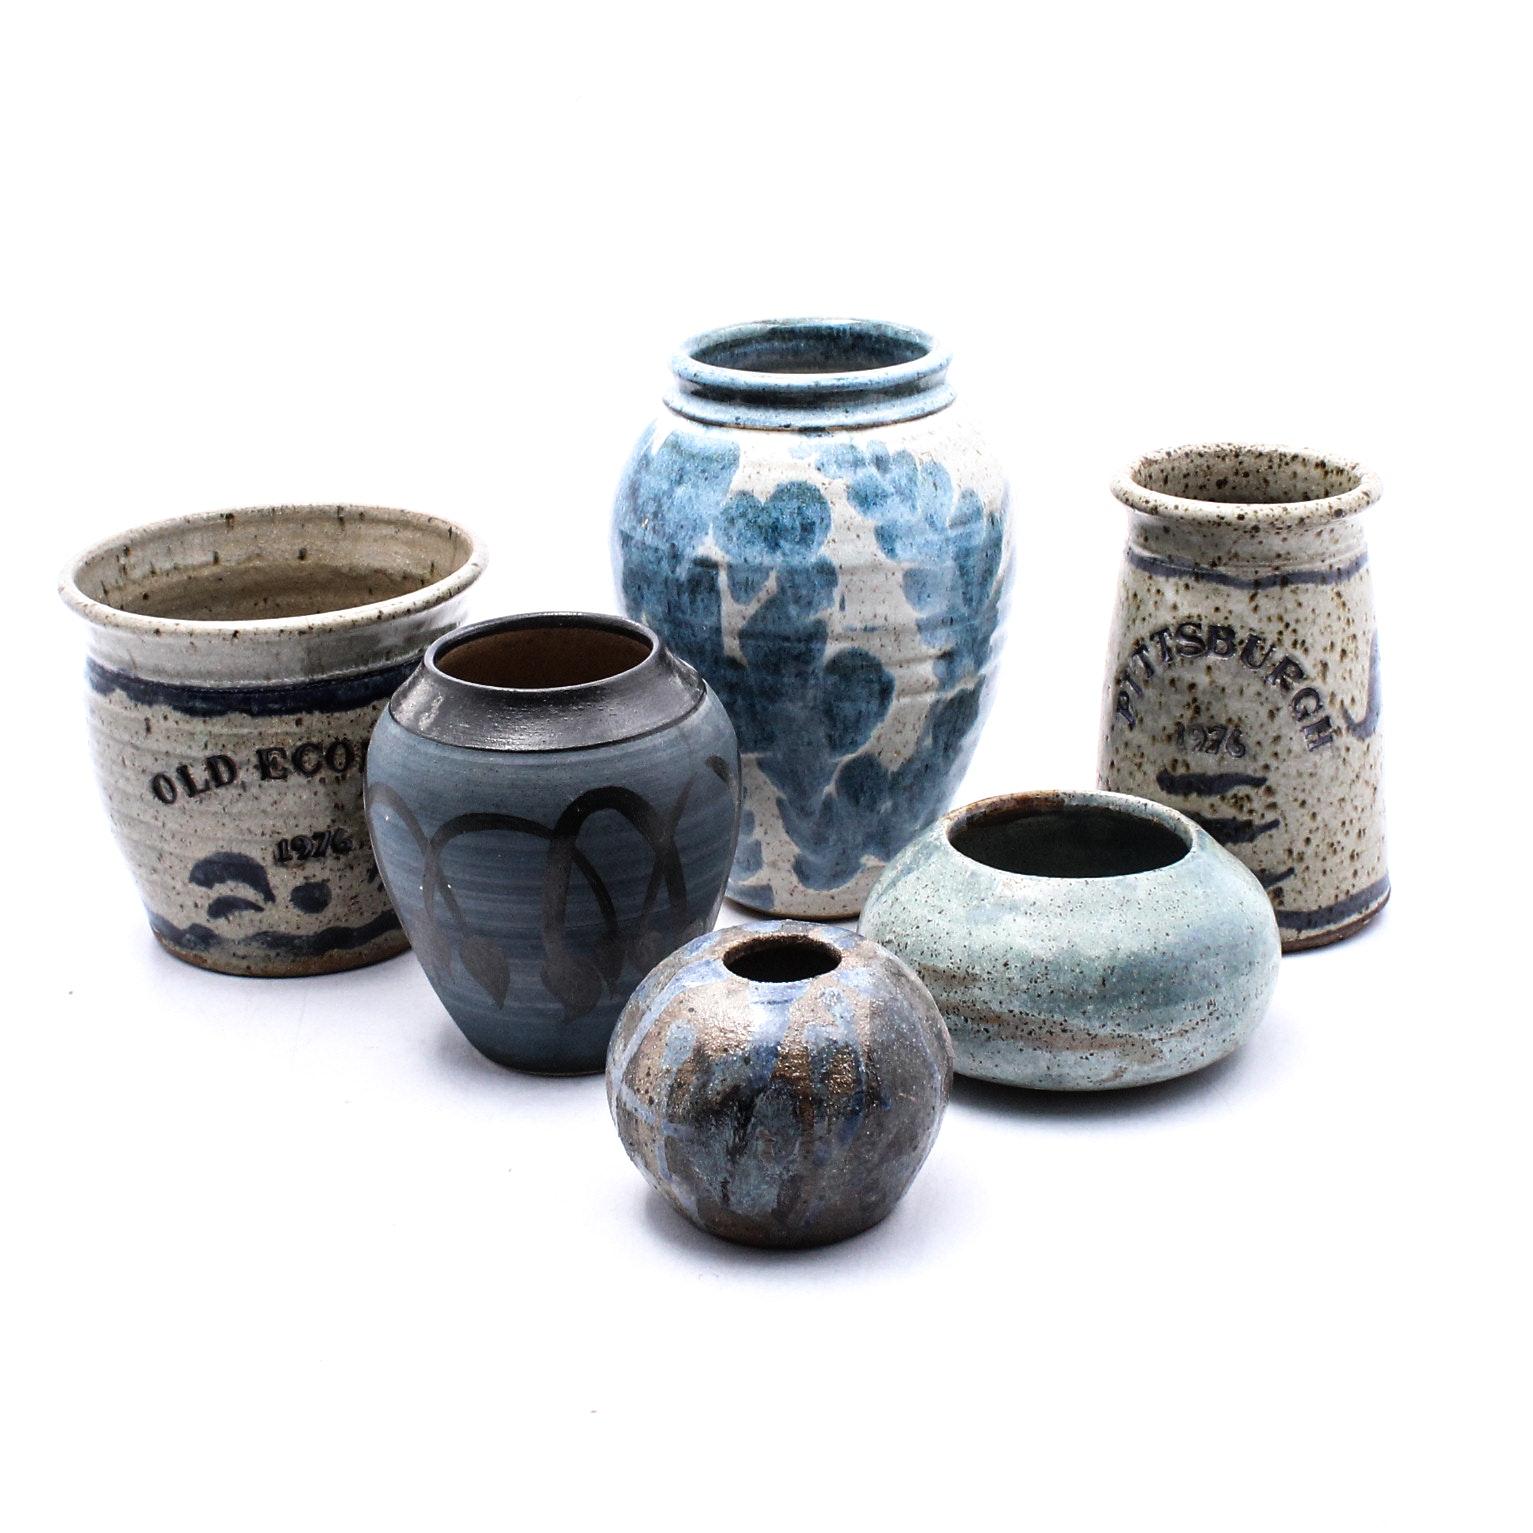 Vintage Stoneware Ceramics in Blues